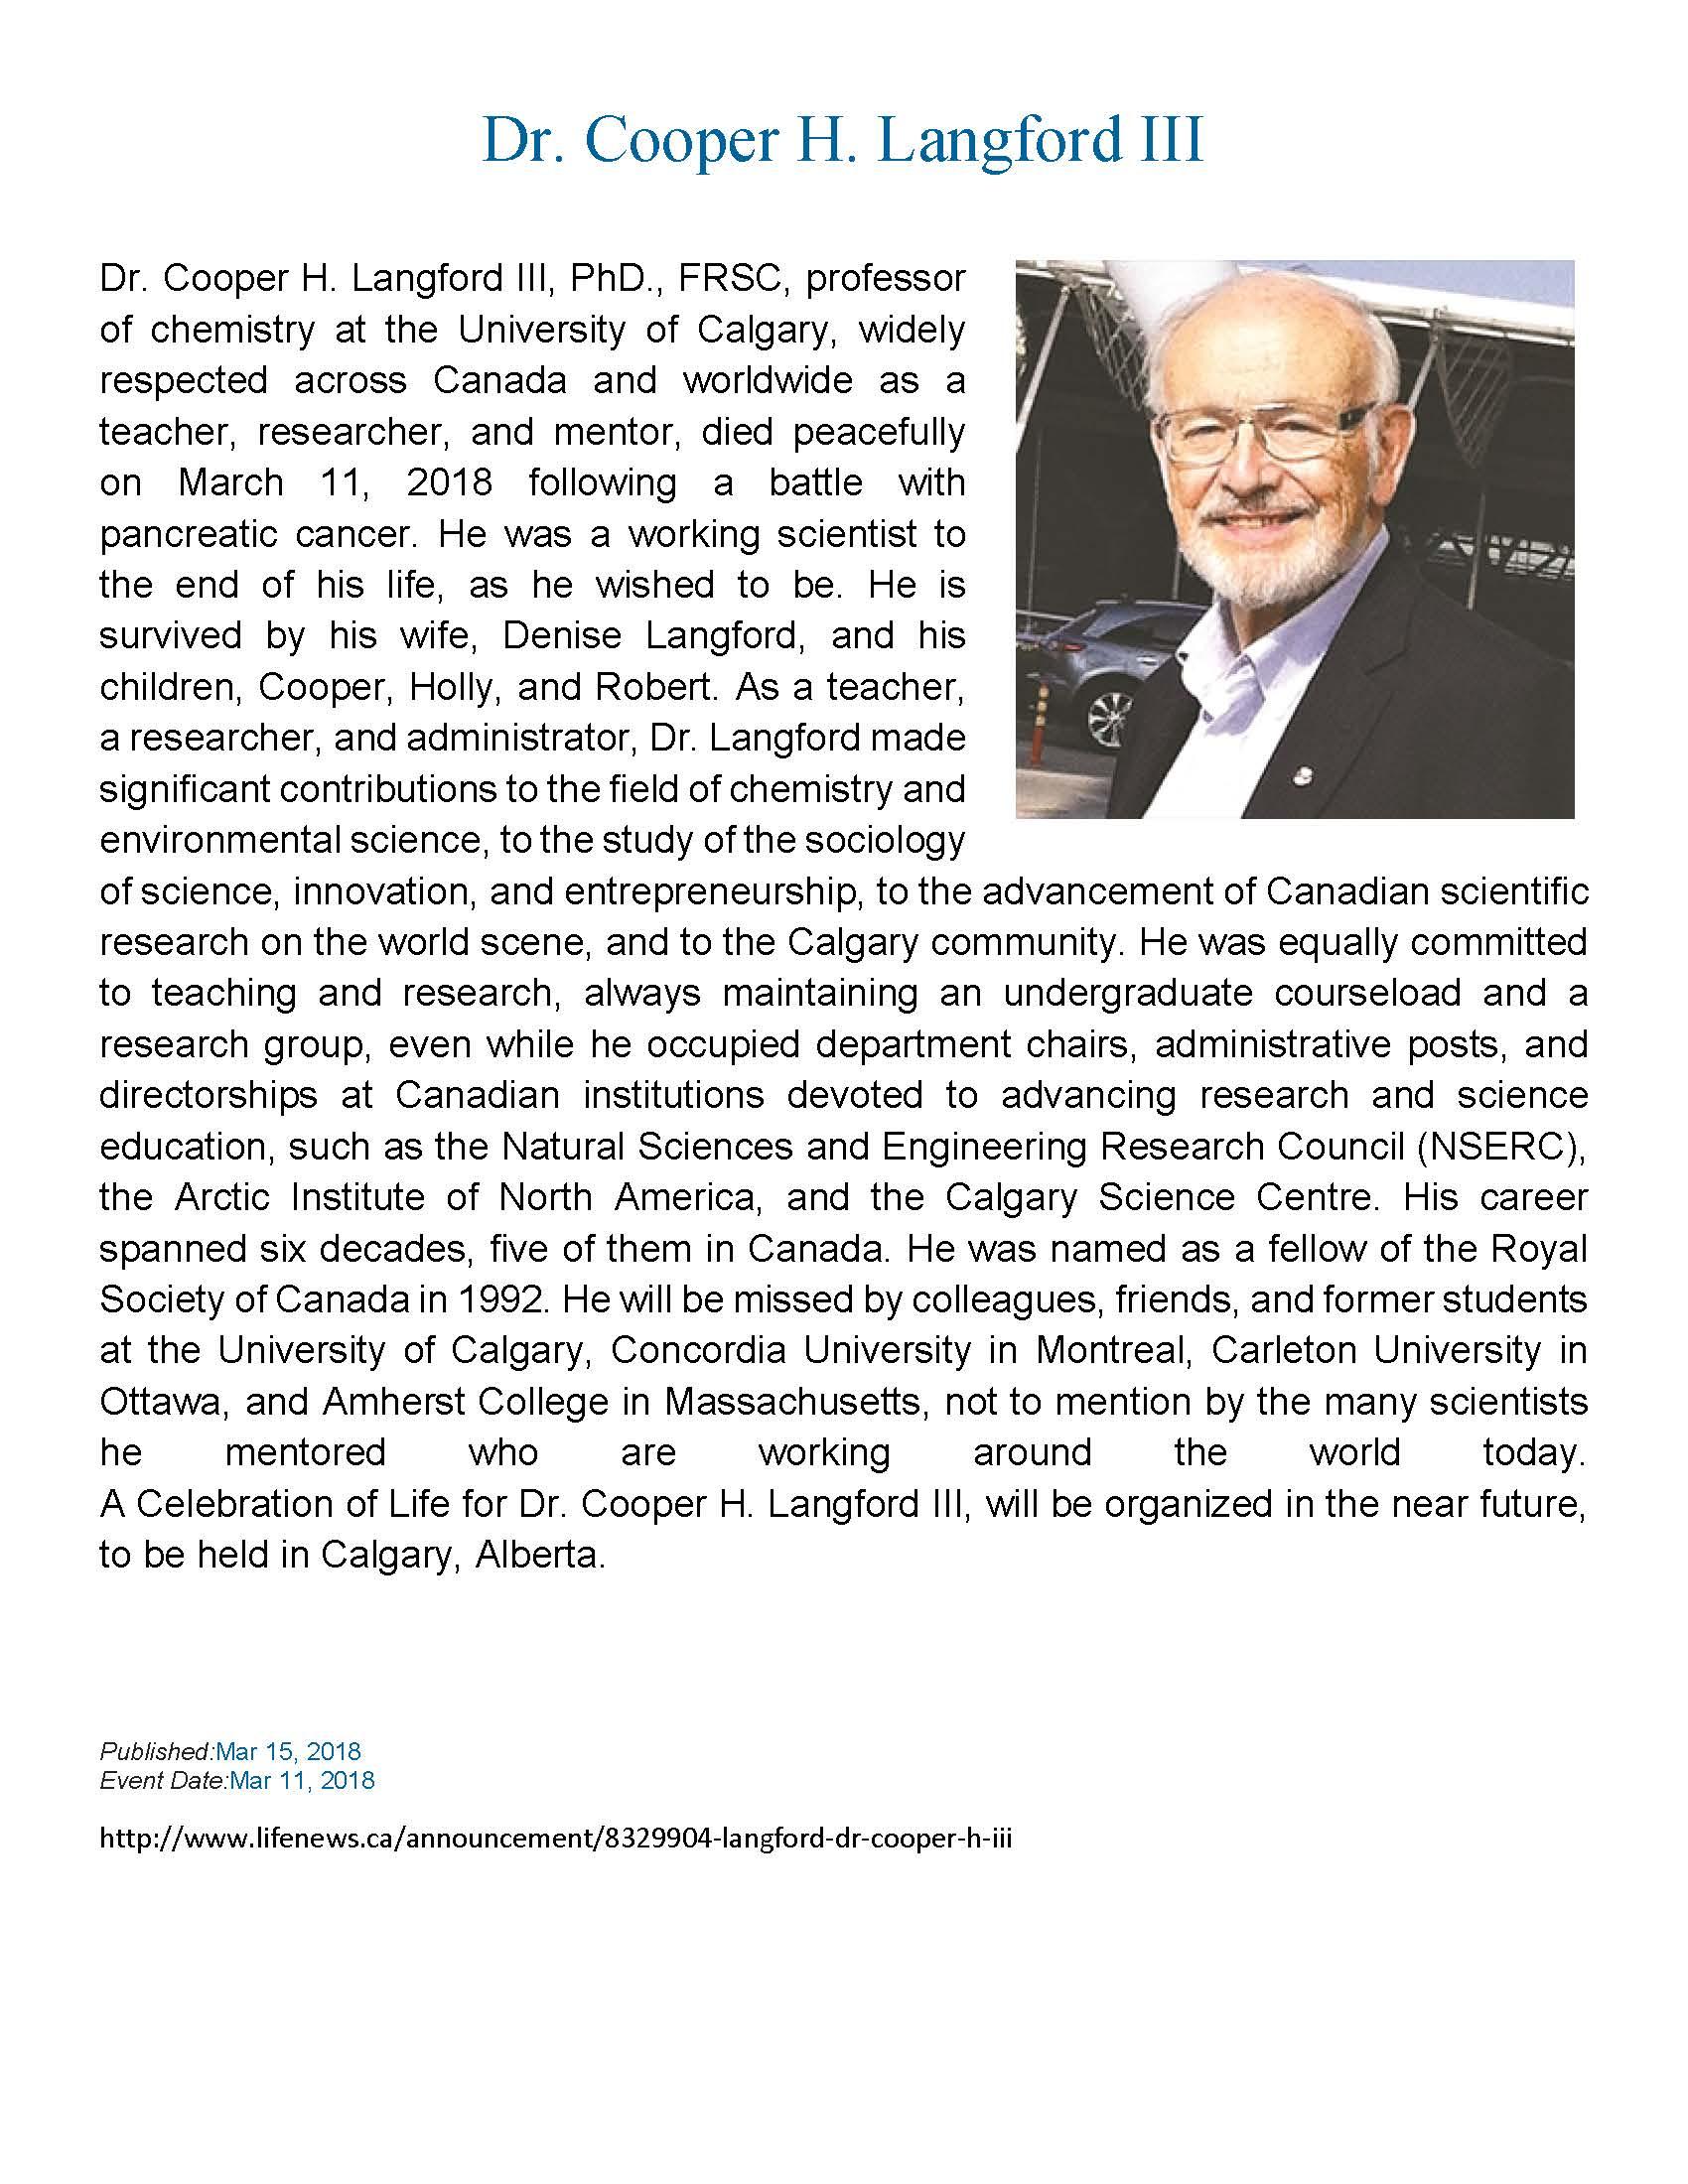 Dr. Cooper H. Langford